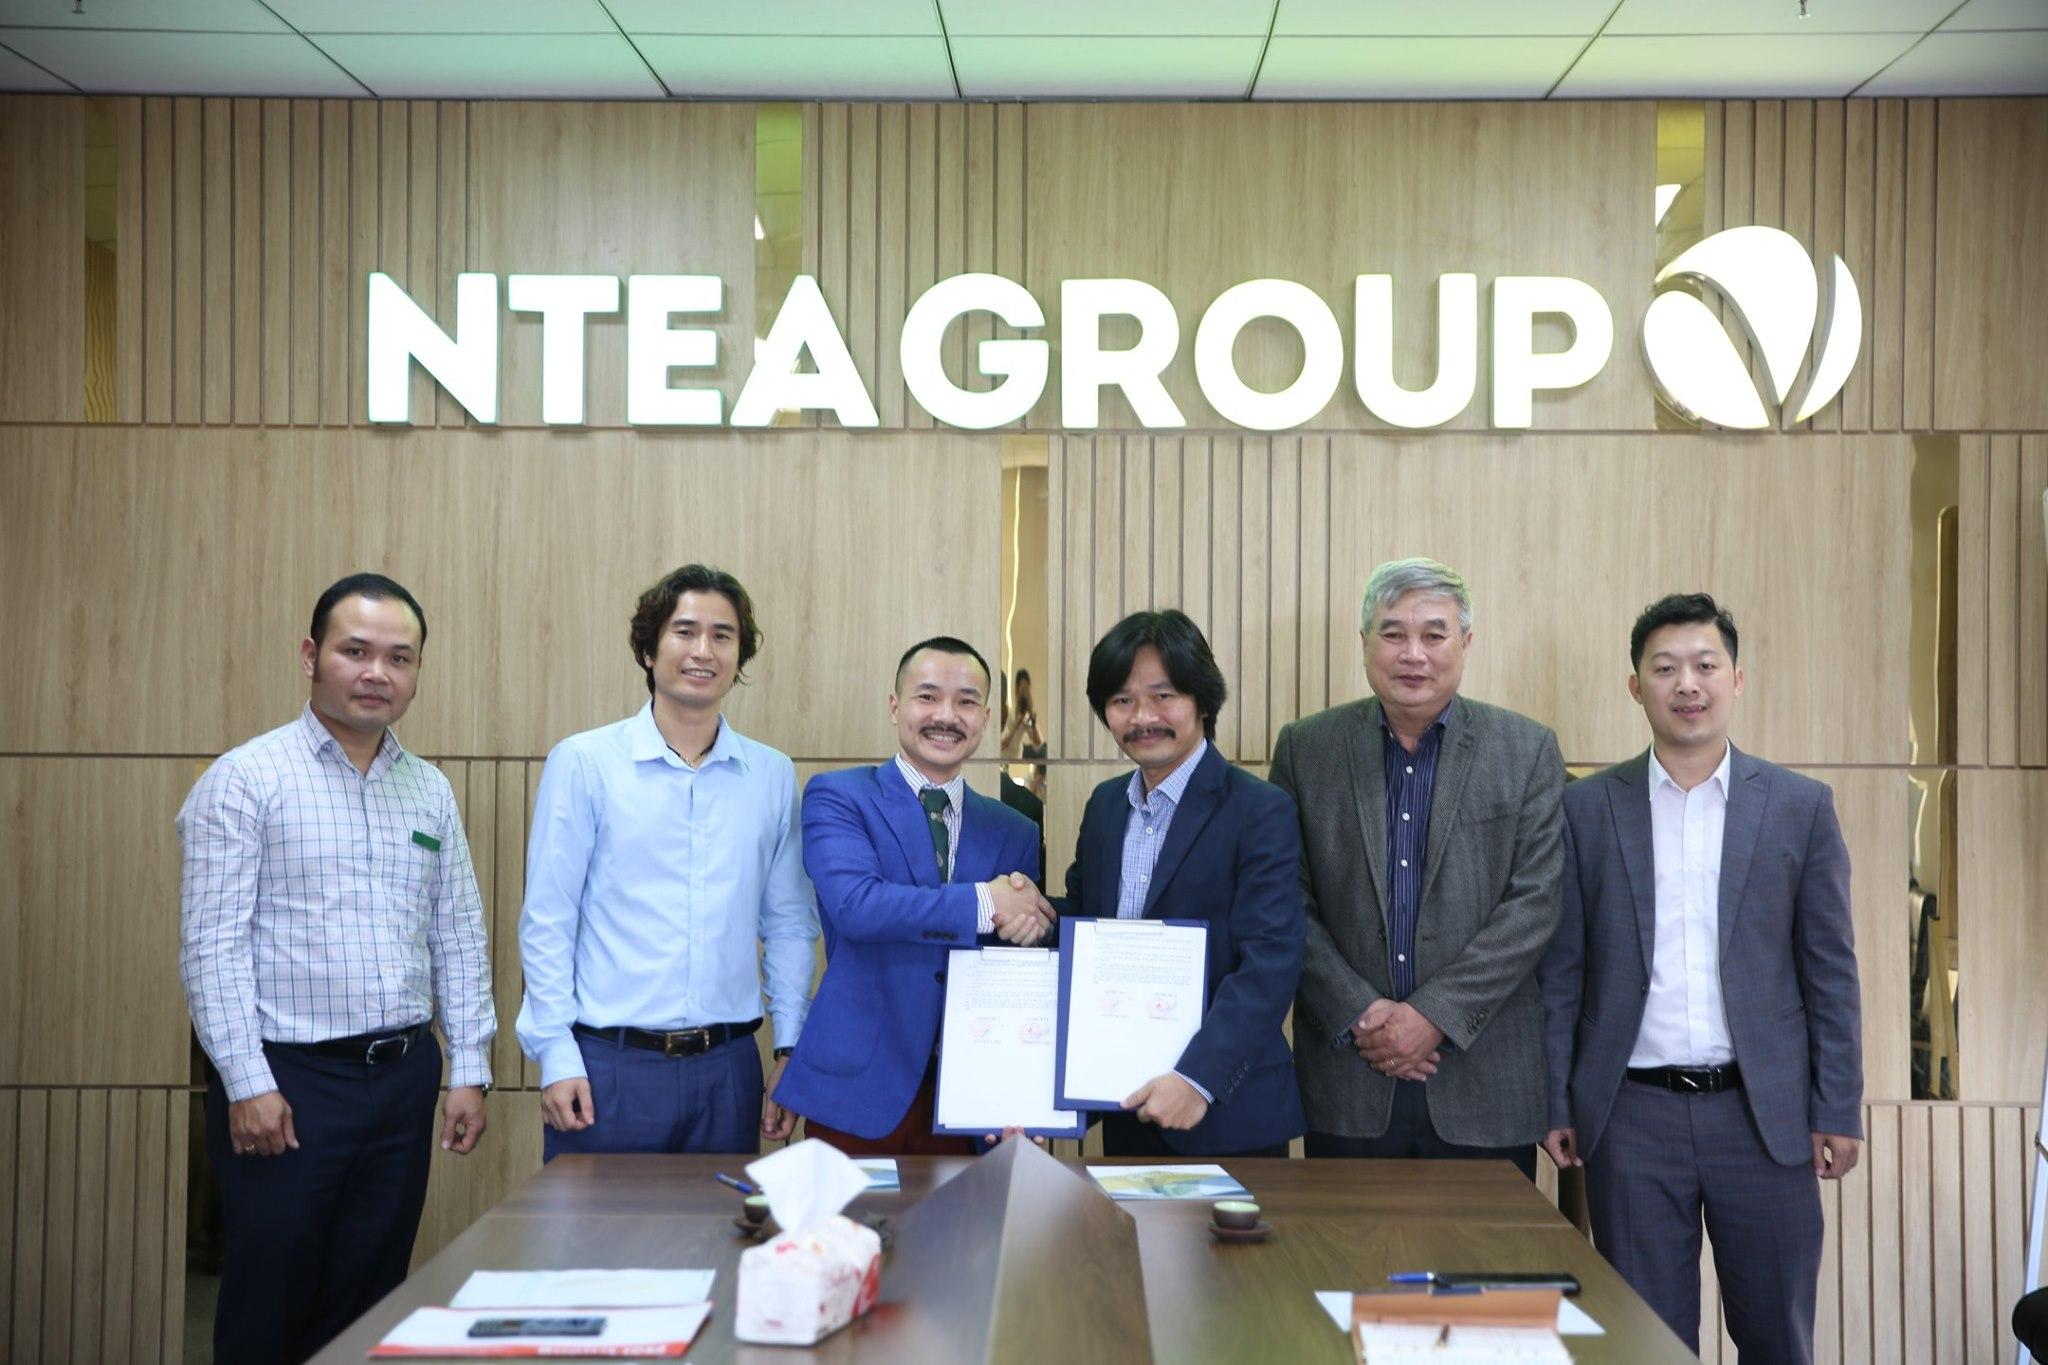 Ntea group và Tạp chí công nghiệp môi trường ký kết biên bản hợp tác